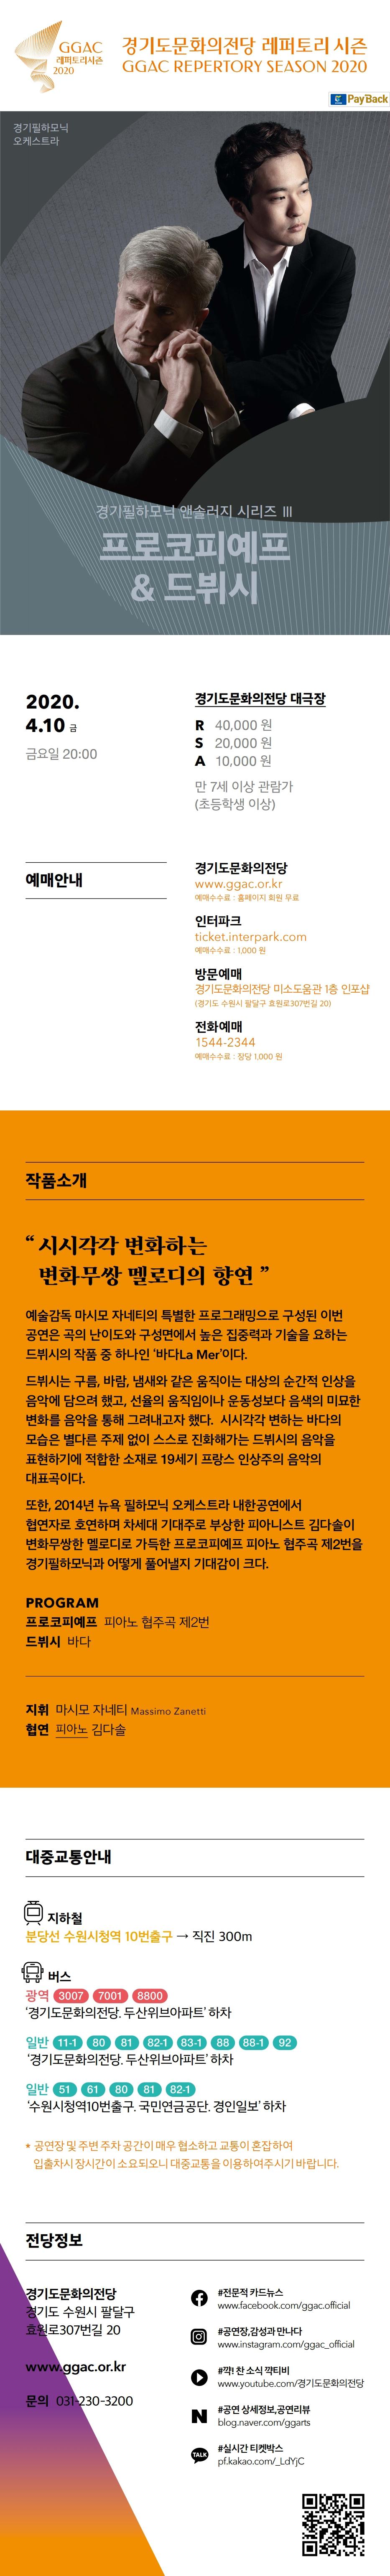 경기필하모닉 2020 앤솔러지 시리즈 III <프로코피예프&드뷔시> - 레퍼토리 시즌제